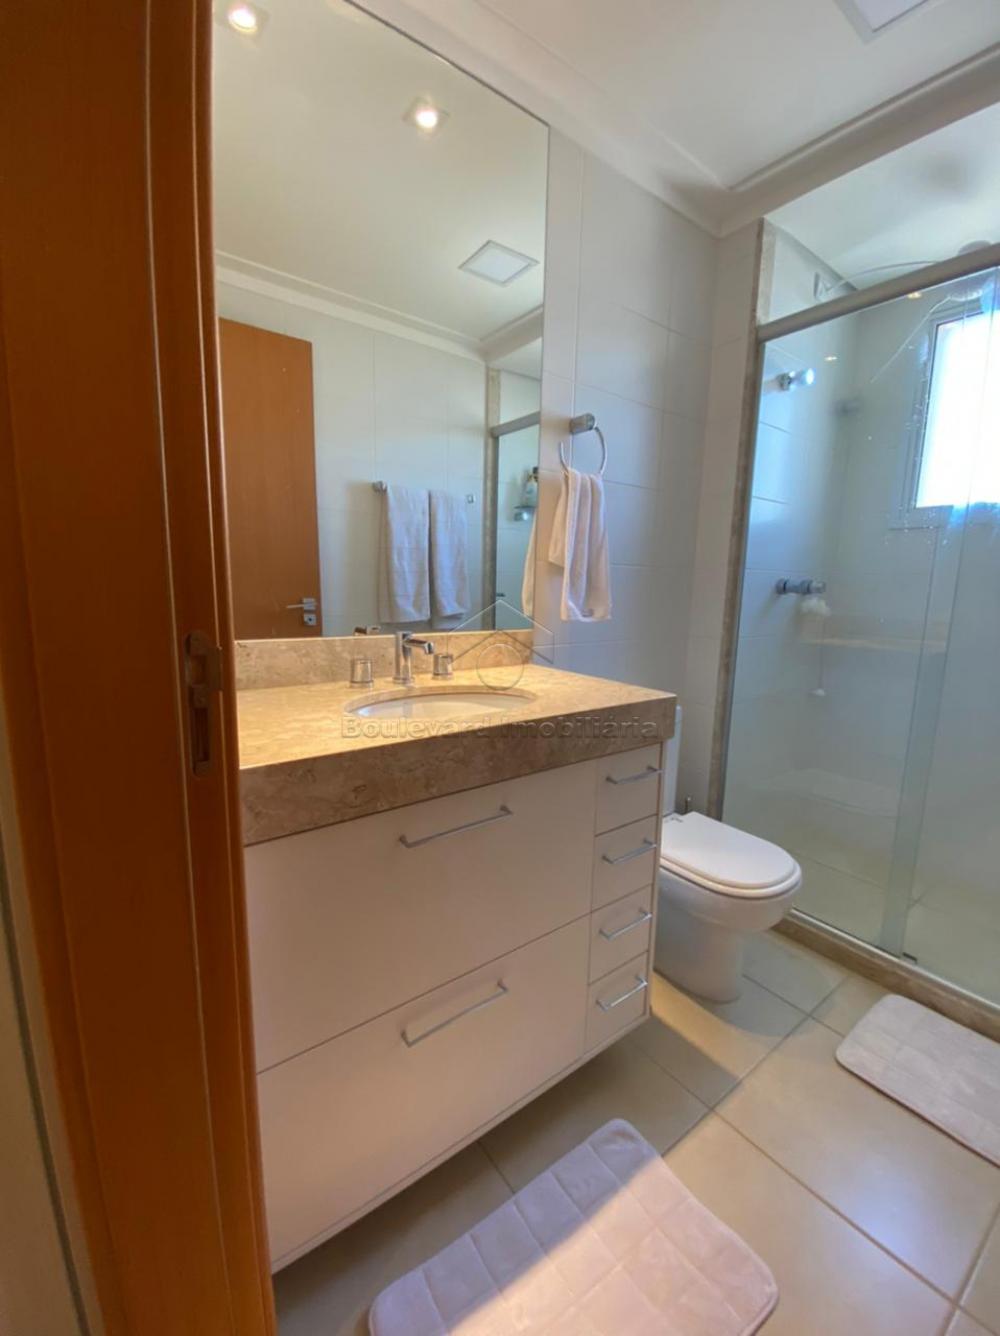 Comprar Apartamento / Padrão em Ribeirão Preto R$ 790.000,00 - Foto 11